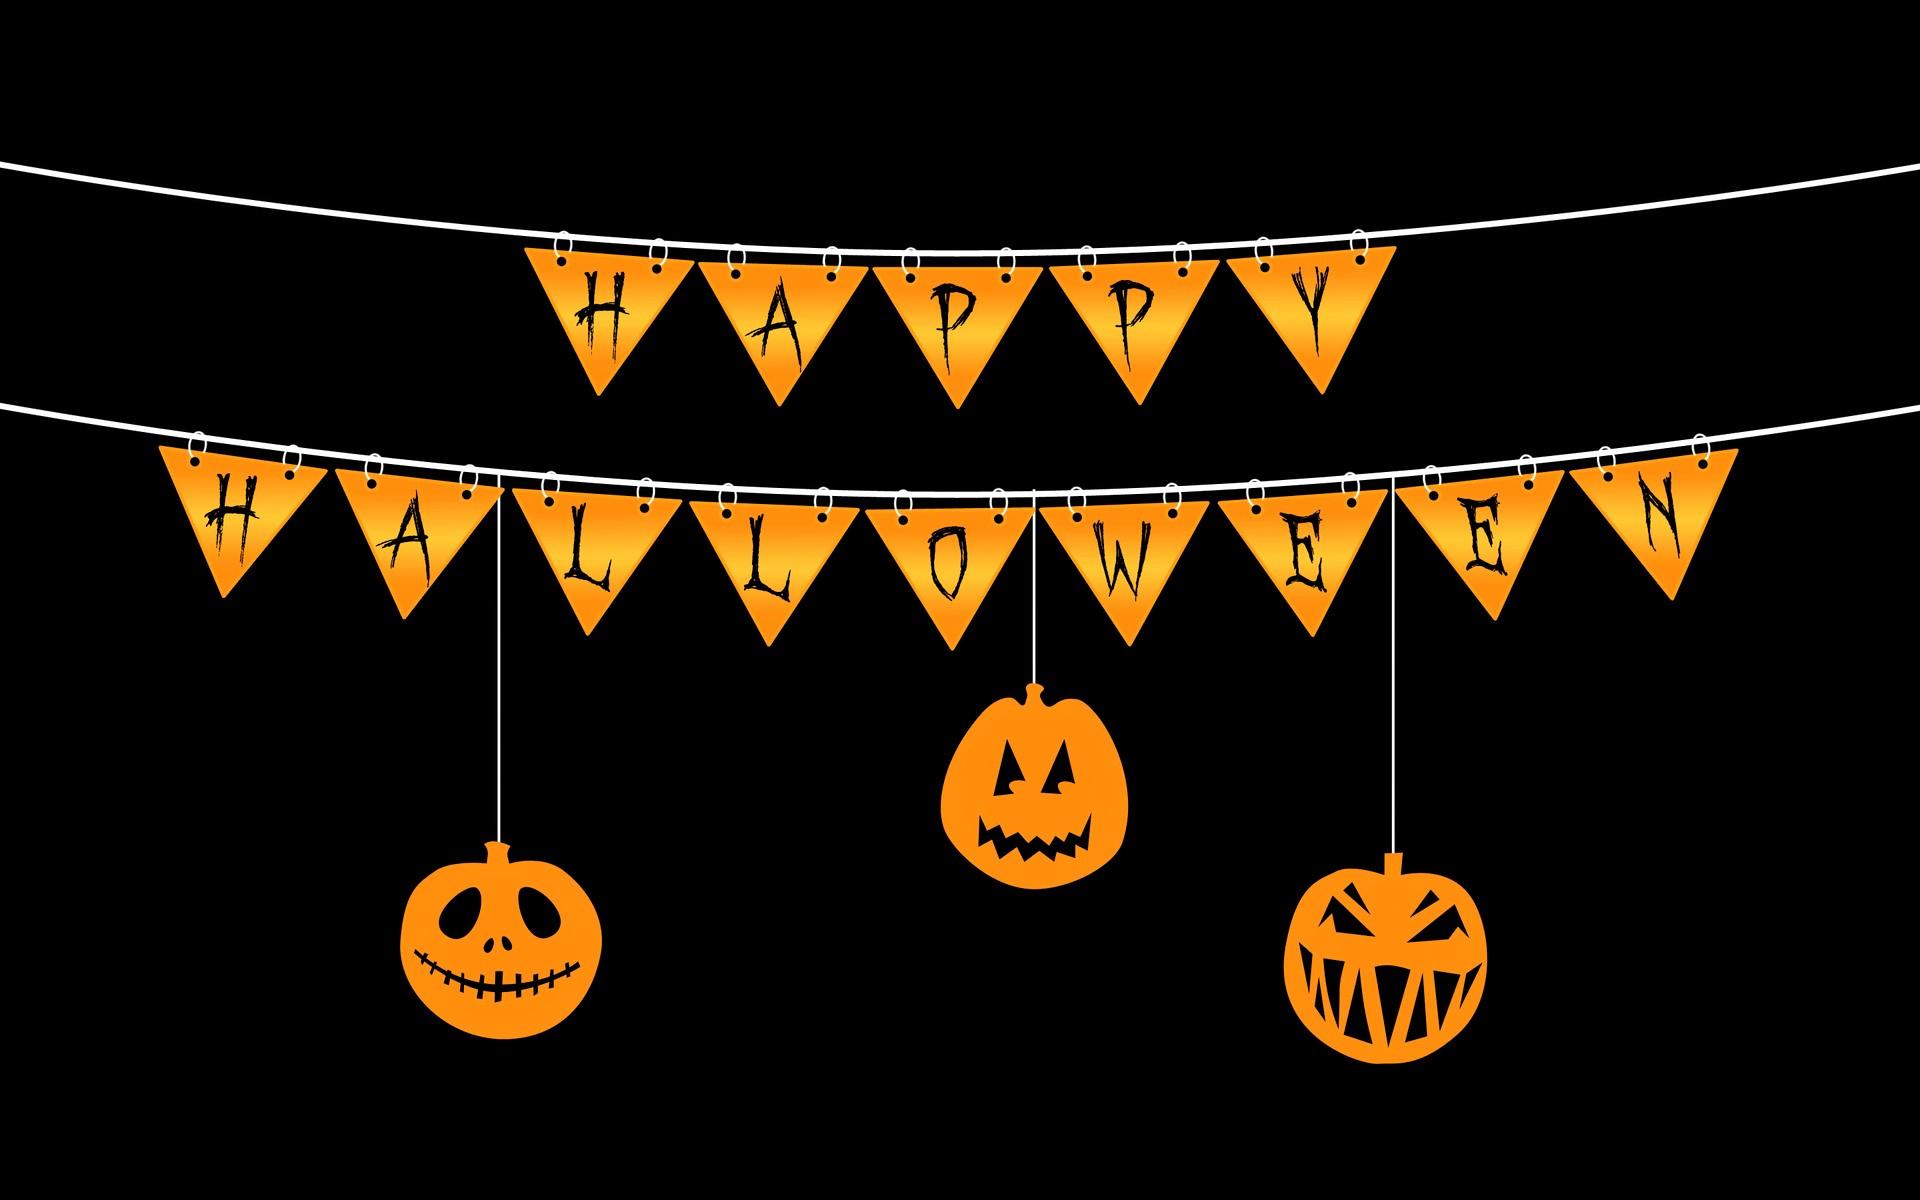 download wallpaper: happy Halloween wallpaper